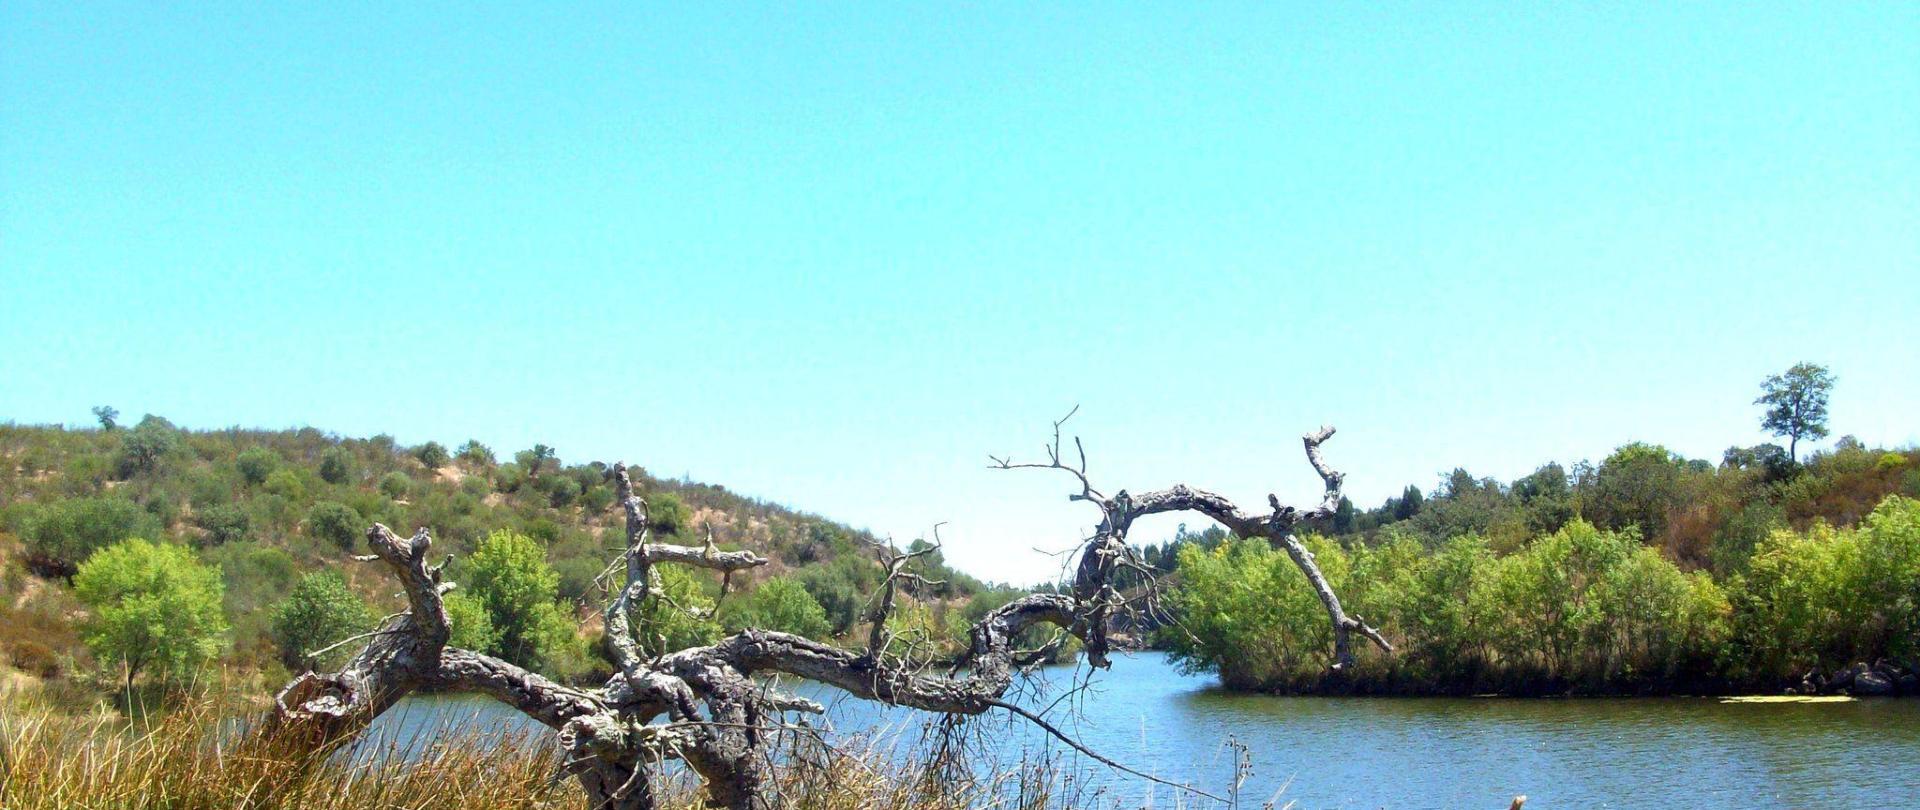 Barragem da Tapada, Lousal